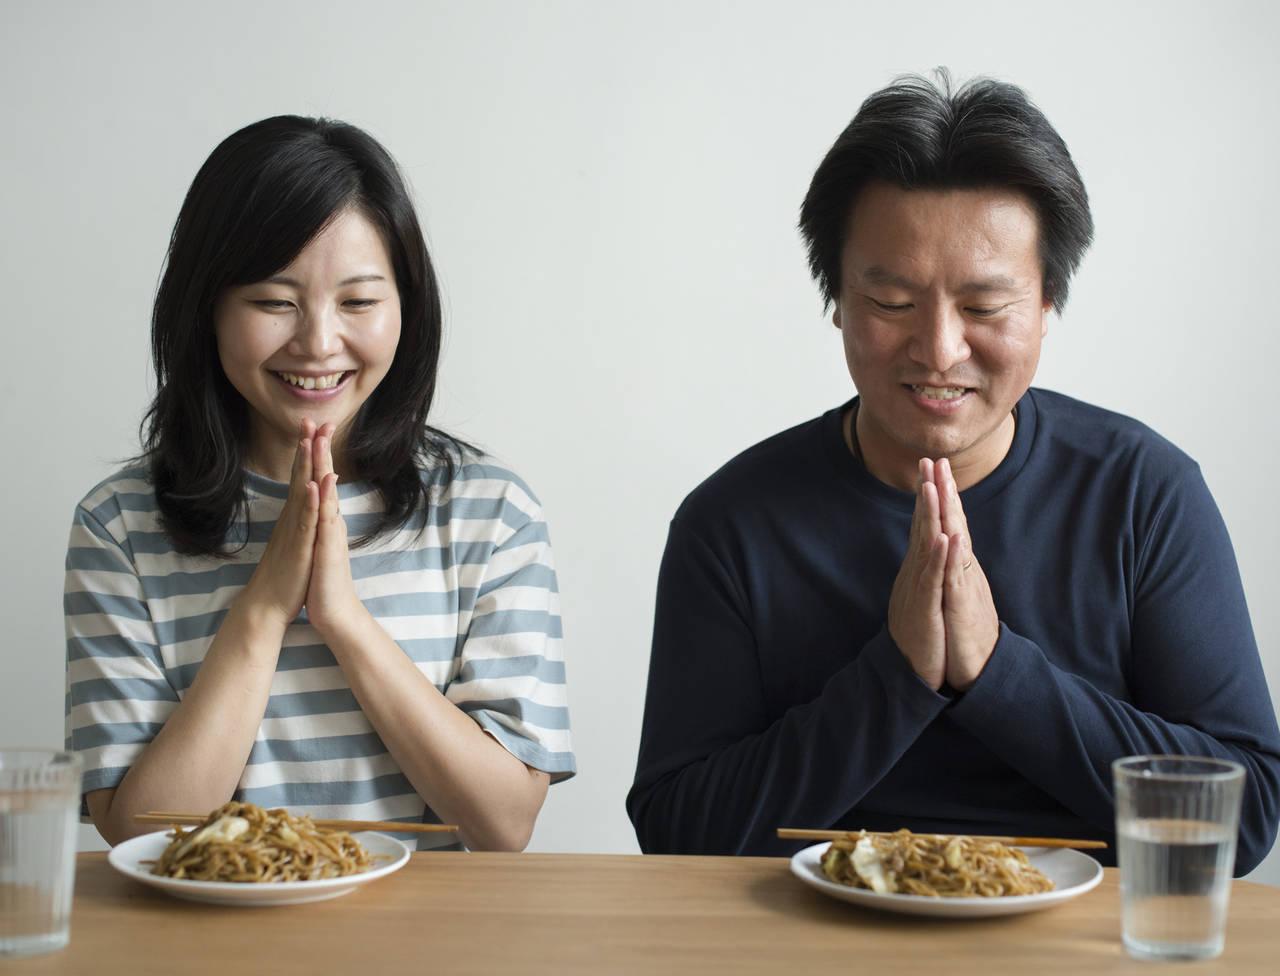 夫婦の食事は価値観が出やすい場面!お互いを理解して新しい味を発見